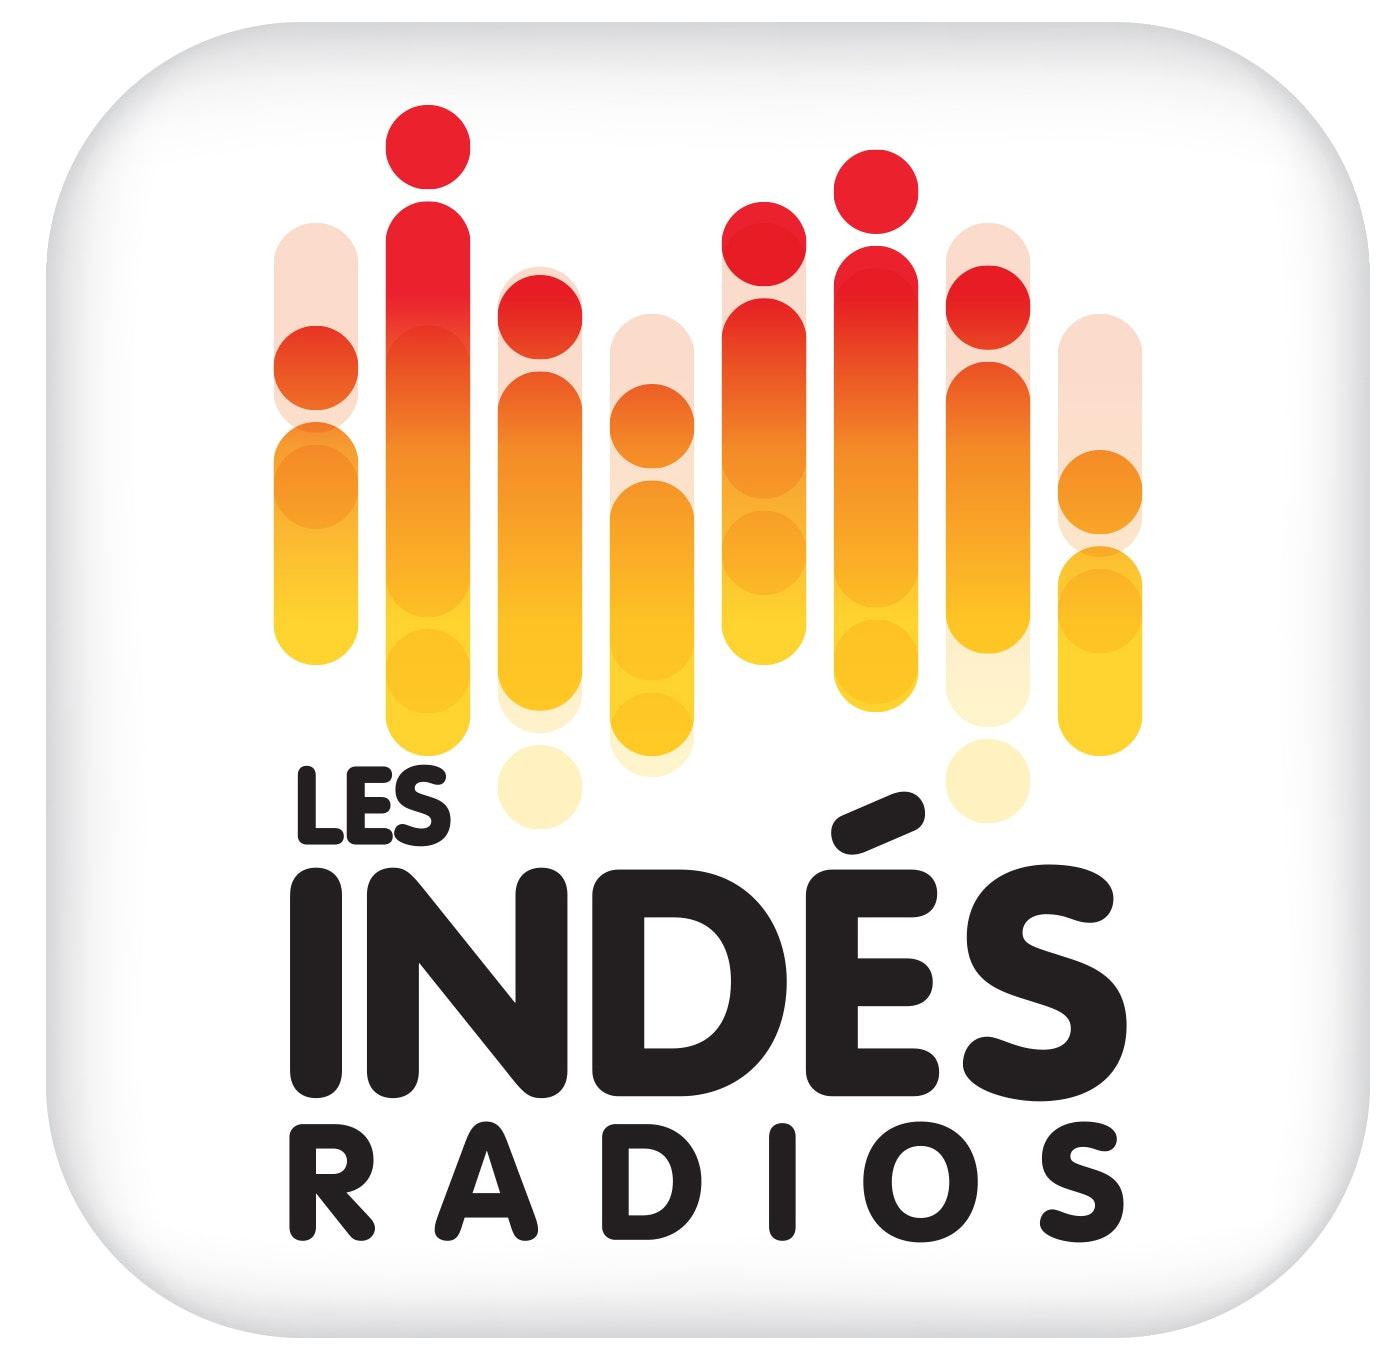 Les Indé Radio